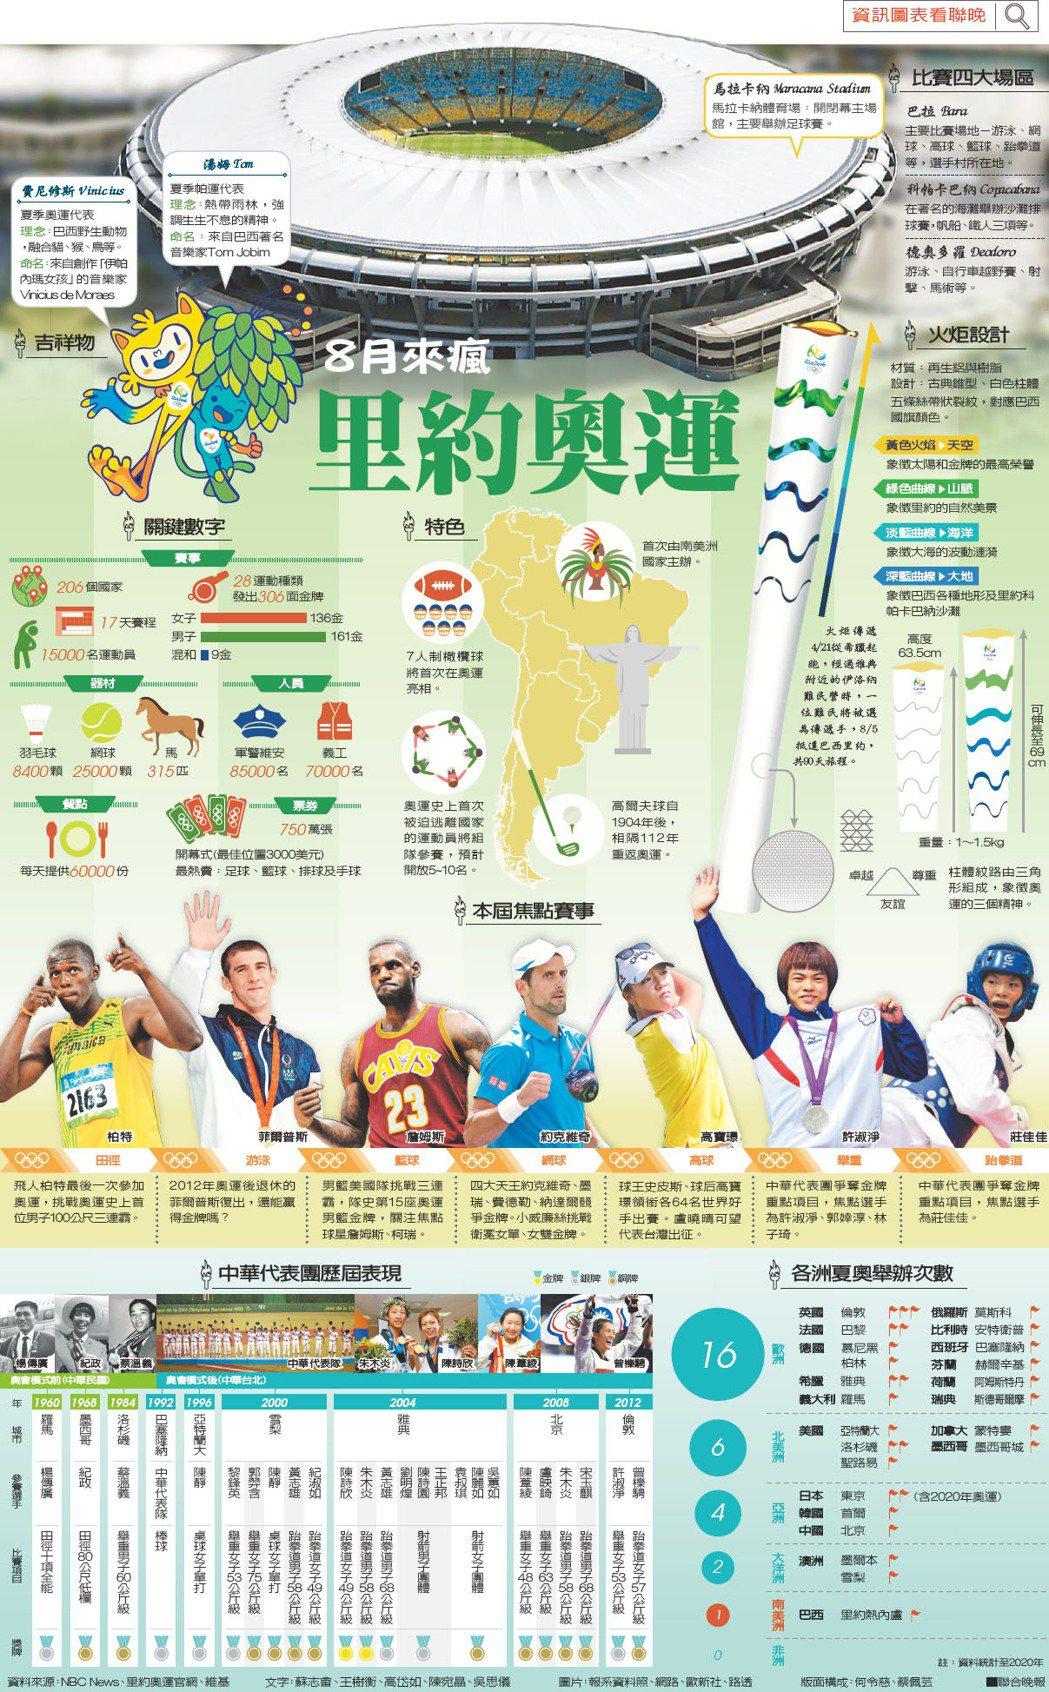 8月來瘋 里約奧運資料來源:NBC News、里約奧運官網、維基 圖片:報系...